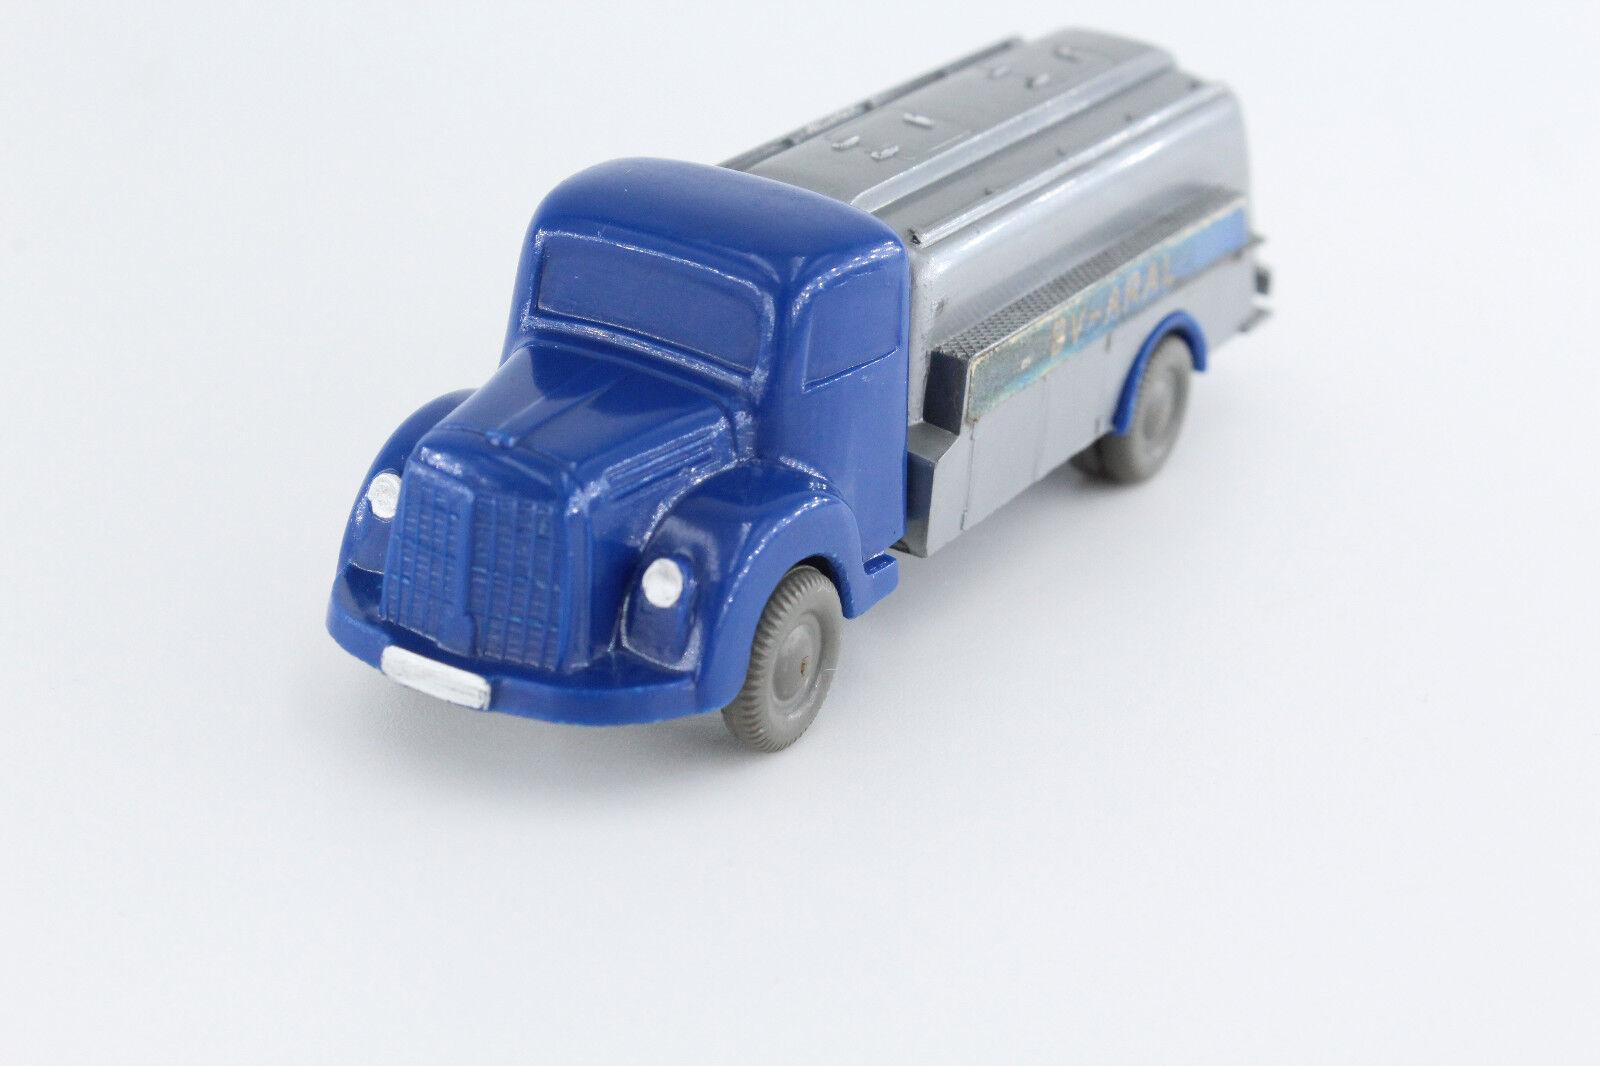 tienda de venta en línea A.s.s Wiking desprovistos desprovistos desprovistos Aral camión cisterna MB mercedes 3500 GK 781 1 CS 237 1 1w Top  bajo precio del 40%